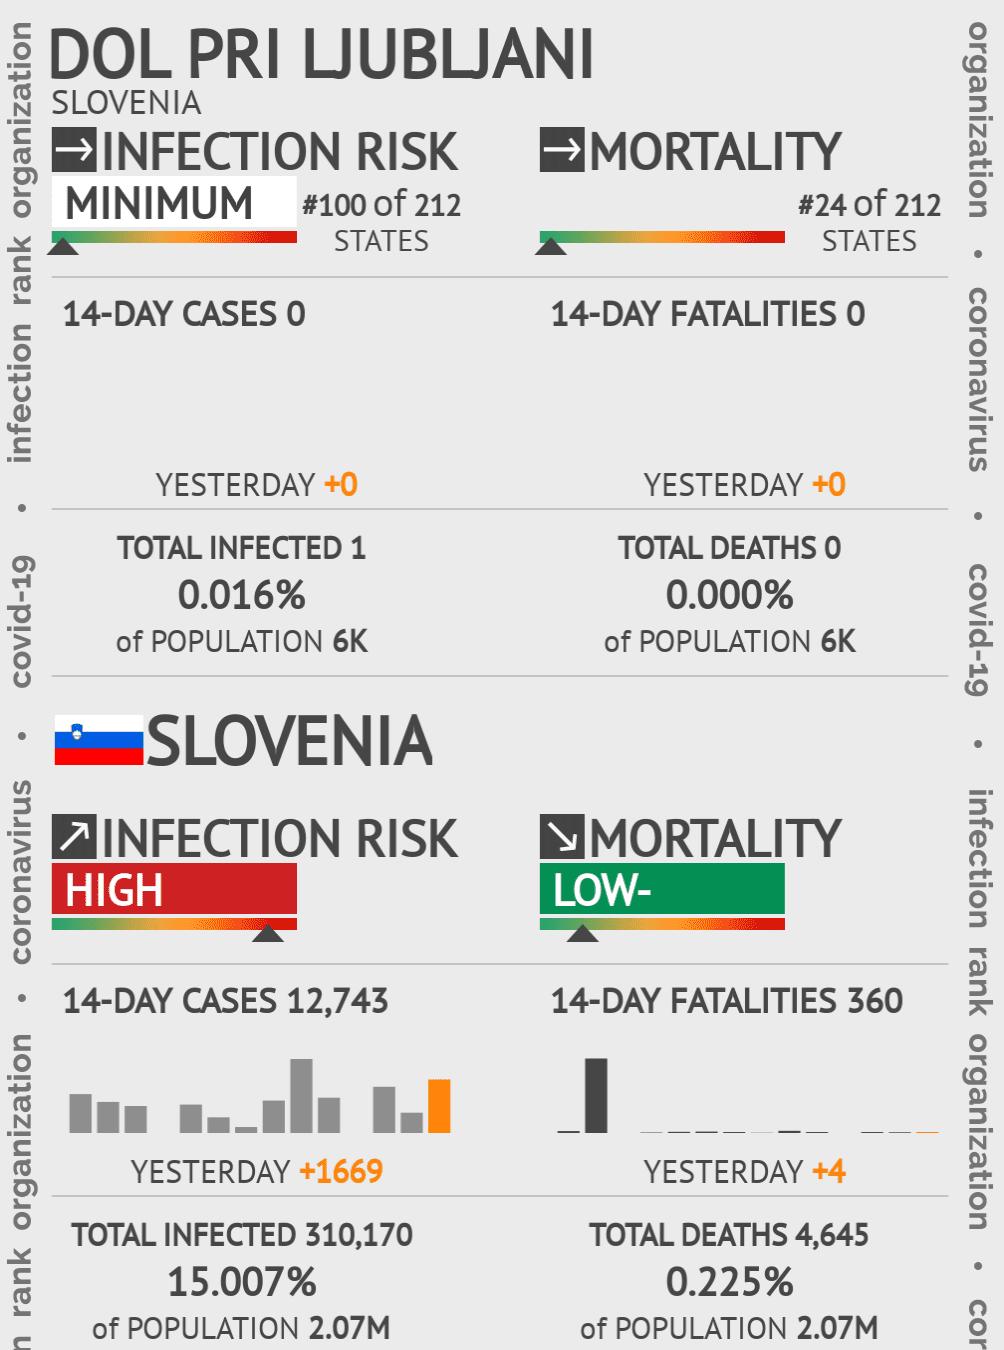 Dol pri Ljubljani Coronavirus Covid-19 Risk of Infection on May 14, 2020